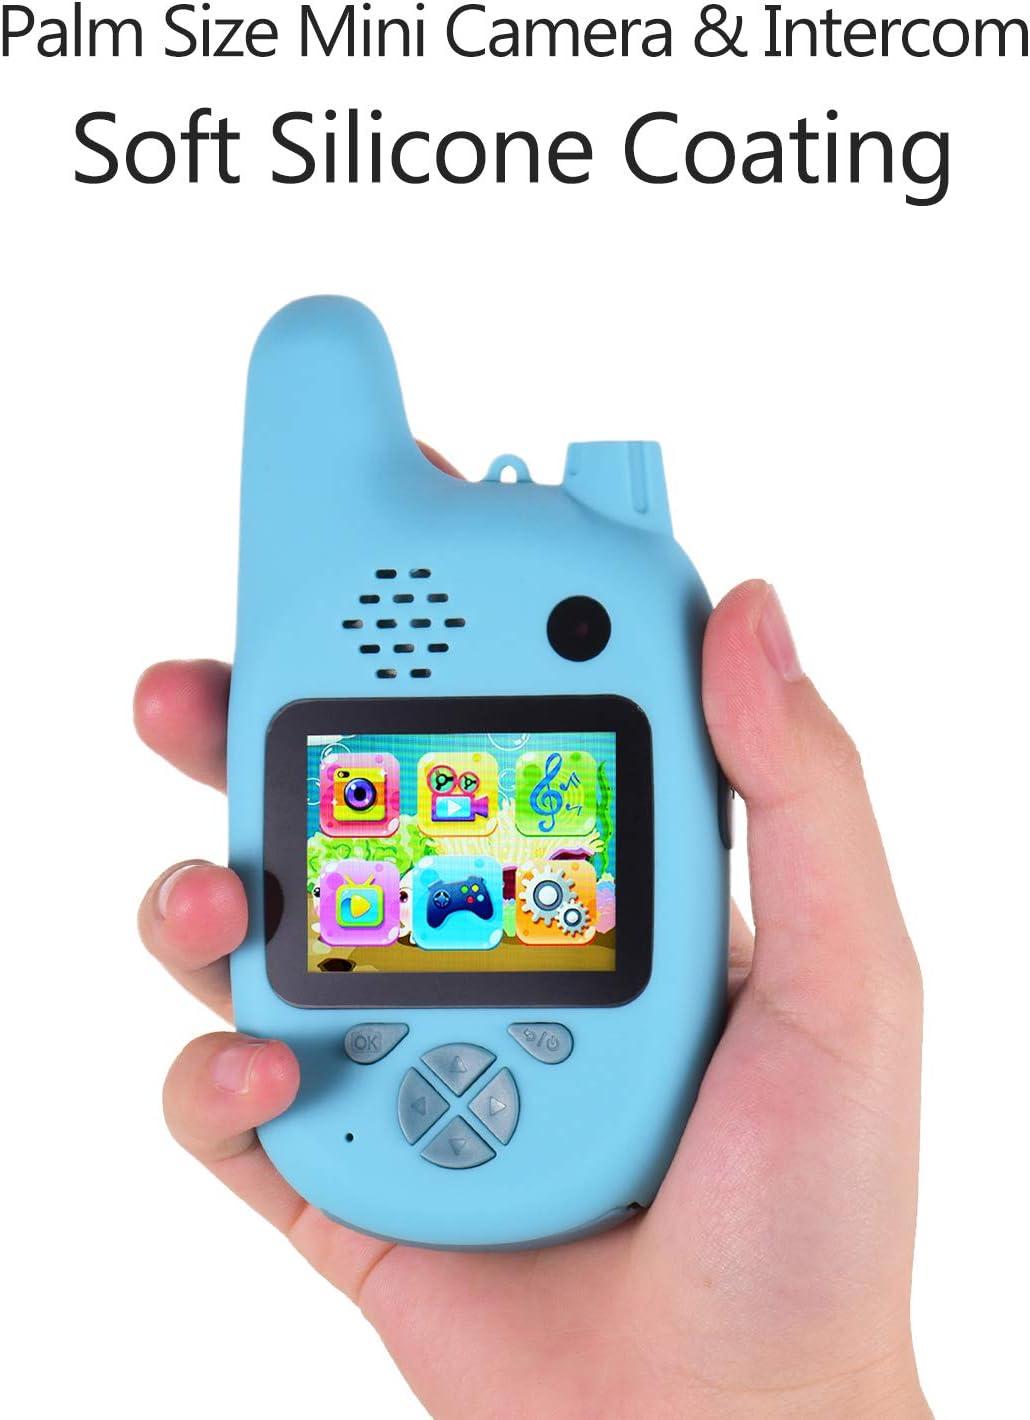 Baugger Fotocamera per Bambini Walkie Talkie 8MP Doppia Lente Schermo IPS da 2,0 Pollici Memoria estesa Batteria Integrata Musica e Giochi Timer Ripresa Messa a Fuoco Automatica